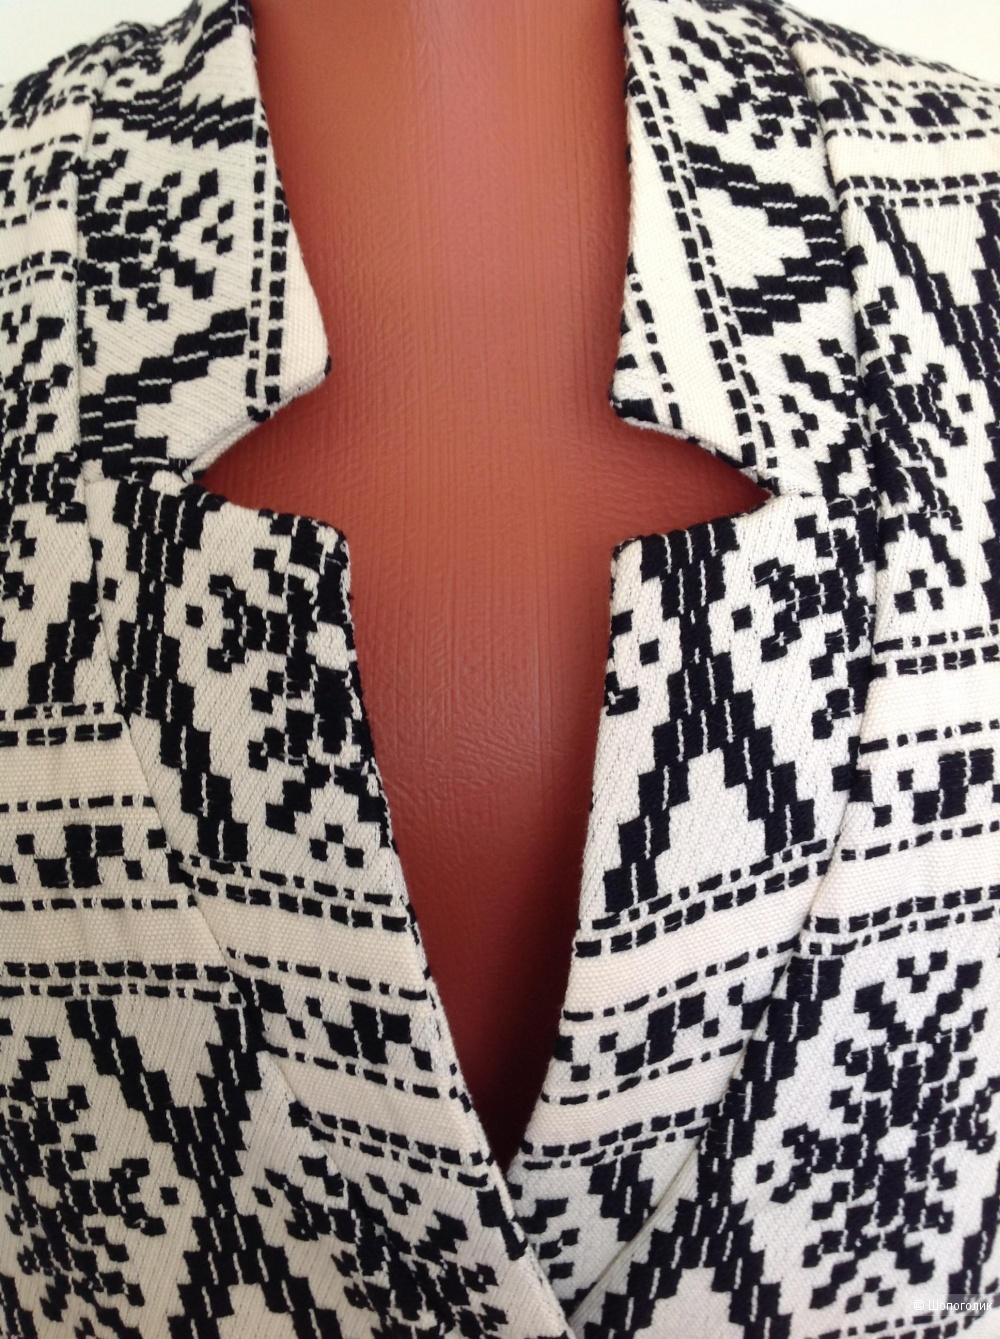 Лёгкое пальто без рукавов/жилет Kaos, размер 46IT